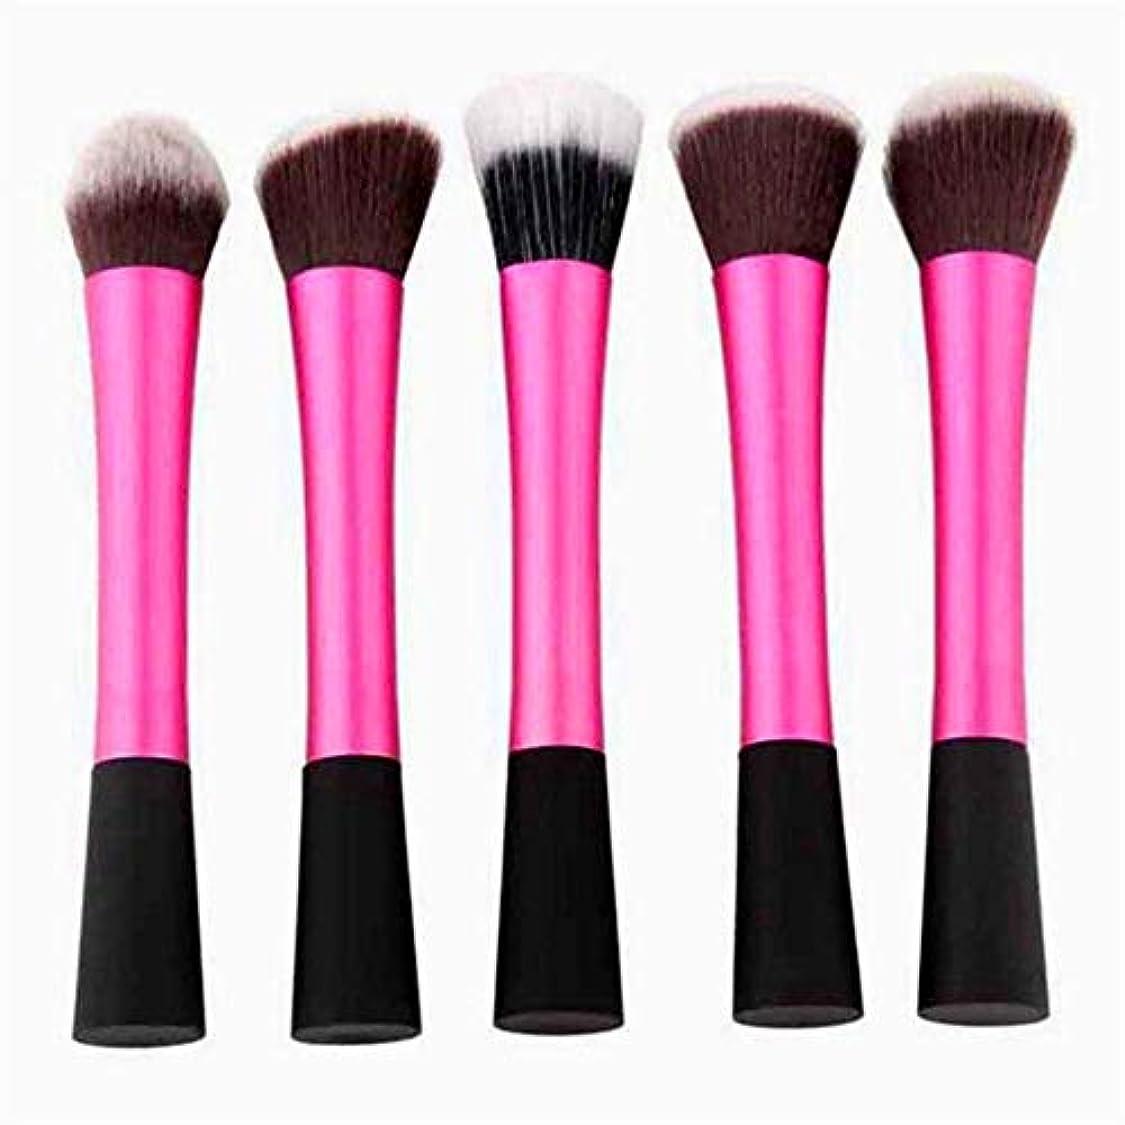 絶えずマンハッタンあらゆる種類のMakeup brushes 5ピースピンクメイクアップブラシセット熟したアイドルパウダーブラシアイシャドウブラシ輪郭ブラシ suits (Color : Pink)